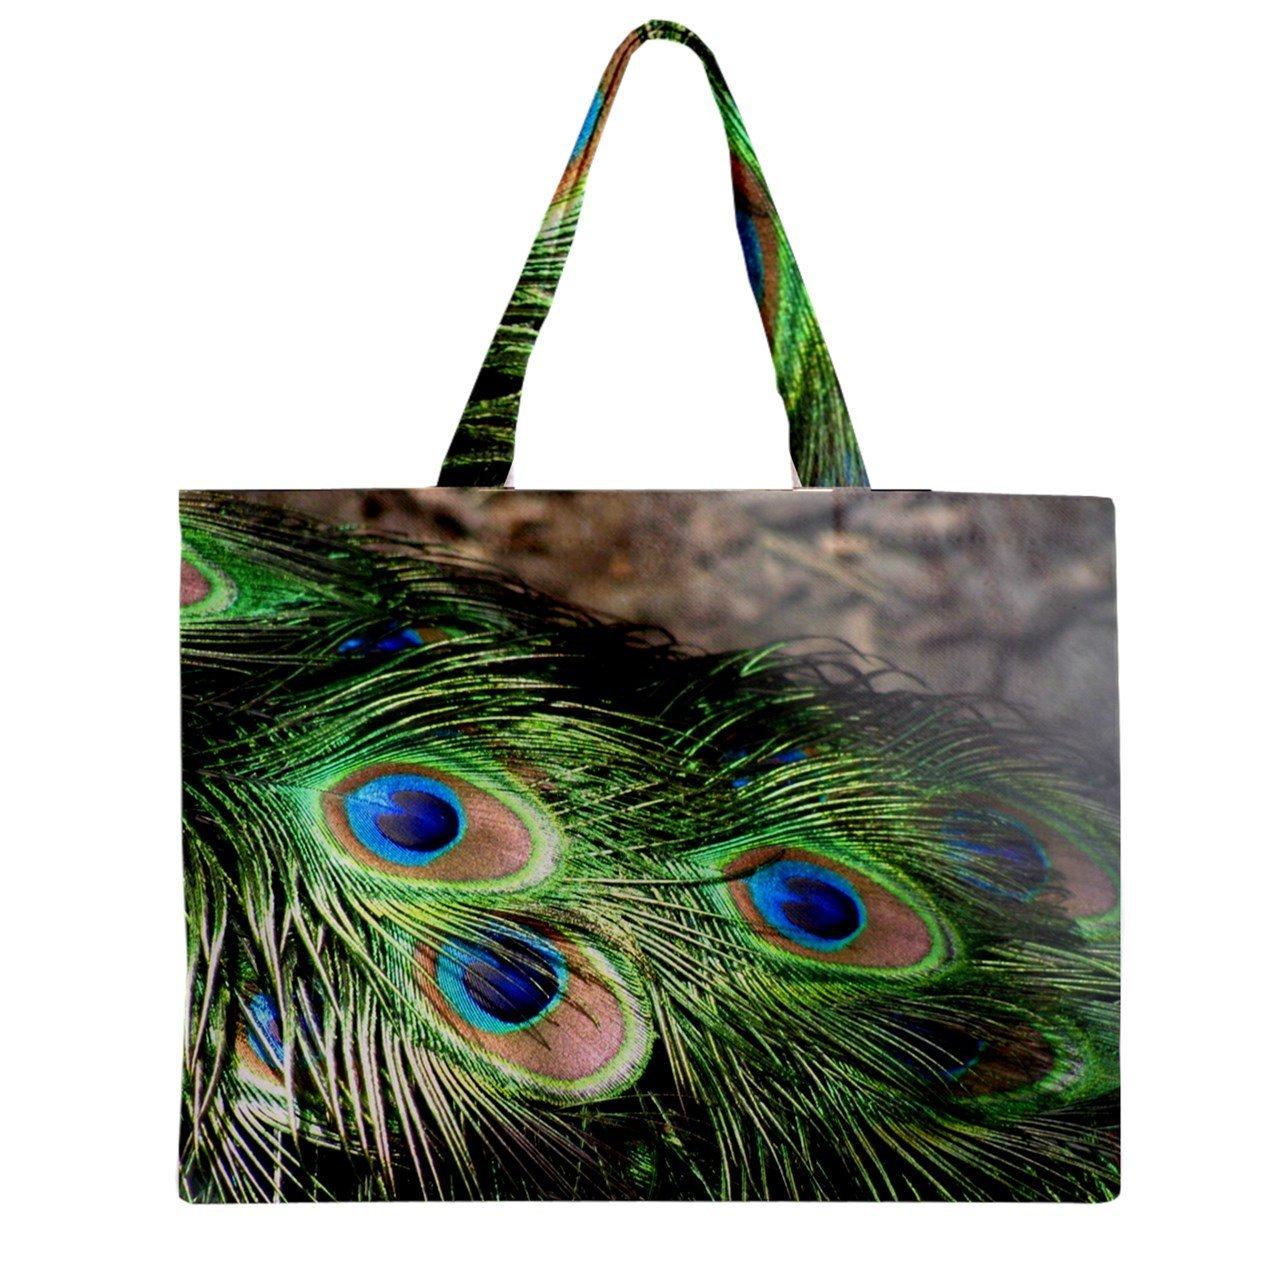 7f6a8e997b0a Get Quotations · Zipper Bag Peacock Feather Tote Bag